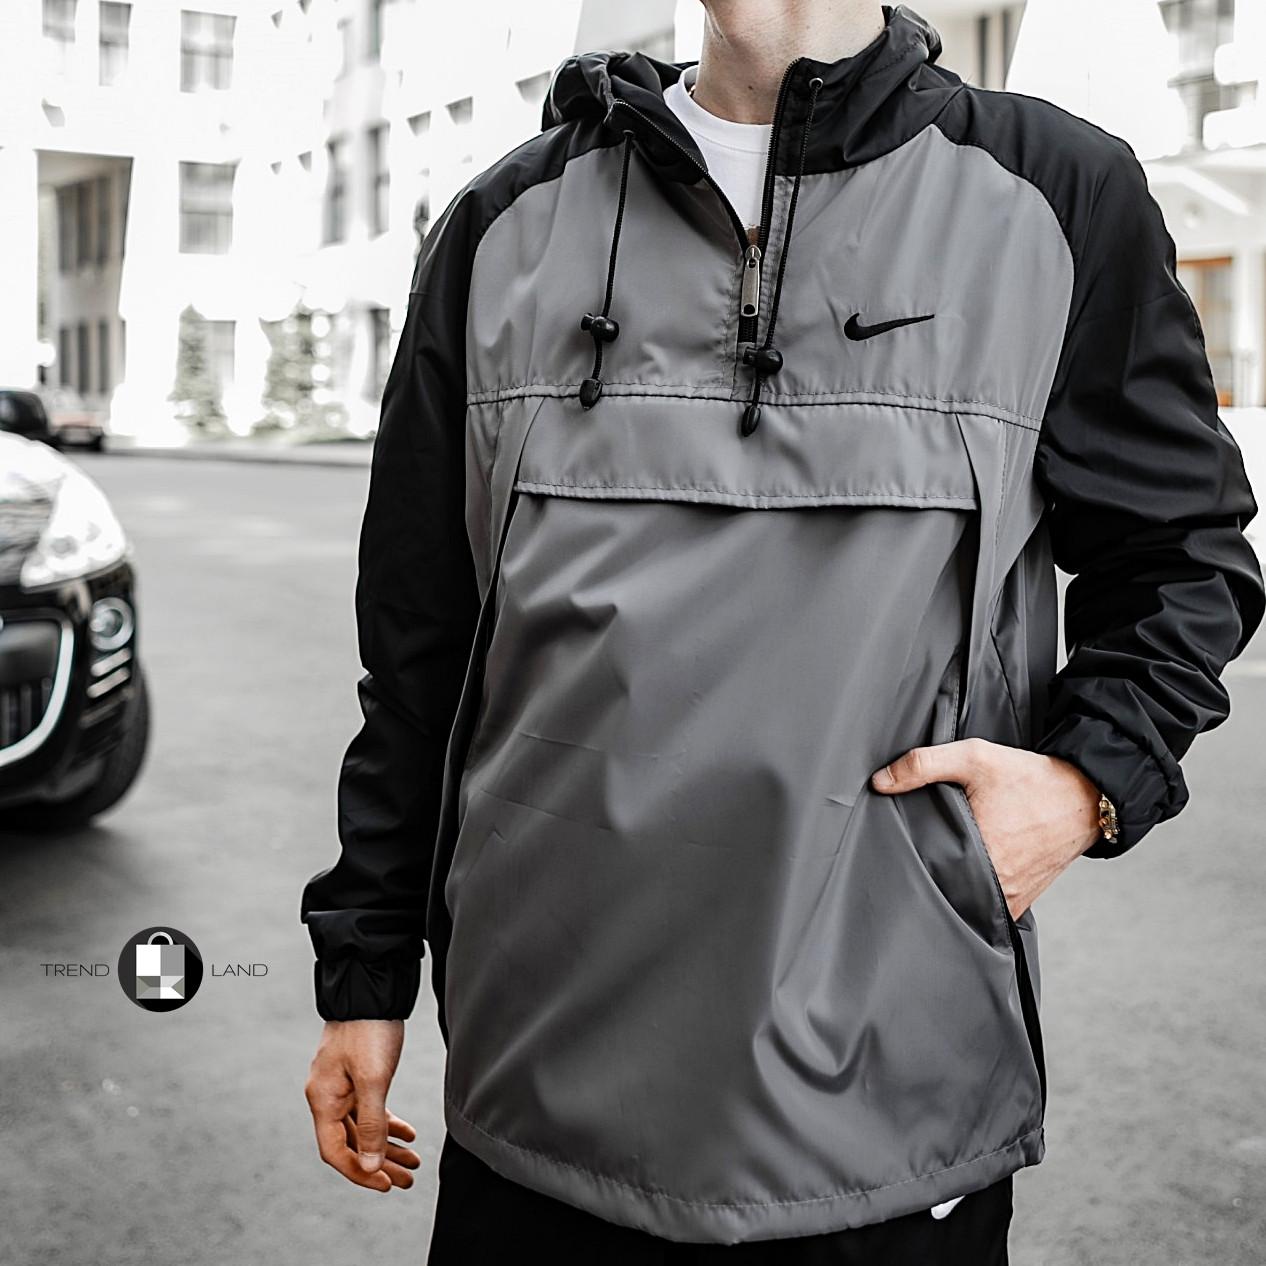 Розміри S-XL   Чоловіча куртка вітровка анорак Nike 'House' Grey Серий